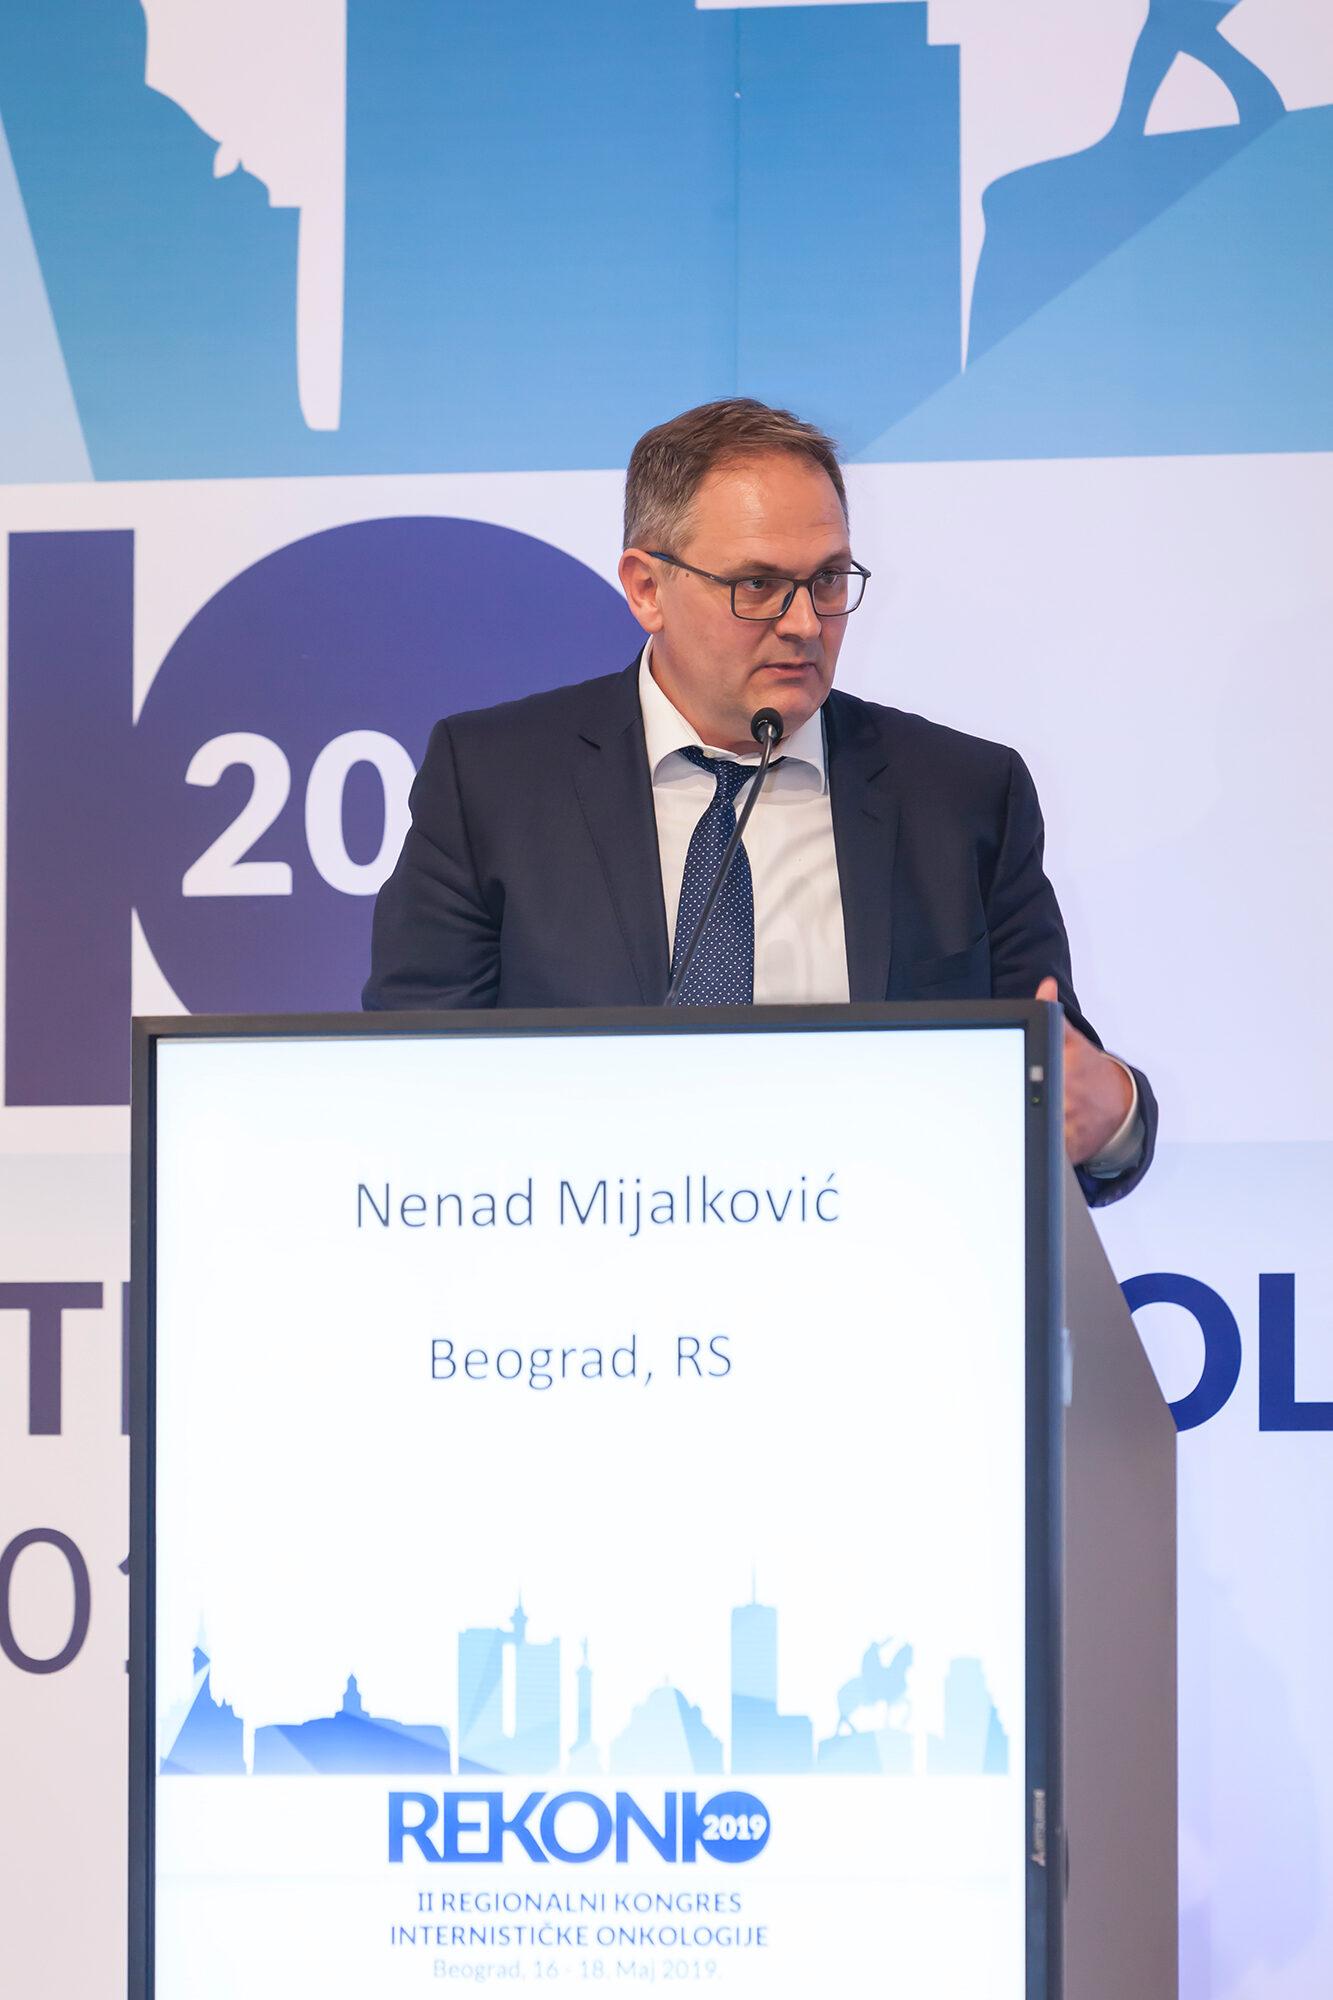 REKONIO 2019 REKOF 2019 Hotel Hilton Belgrade Serbia